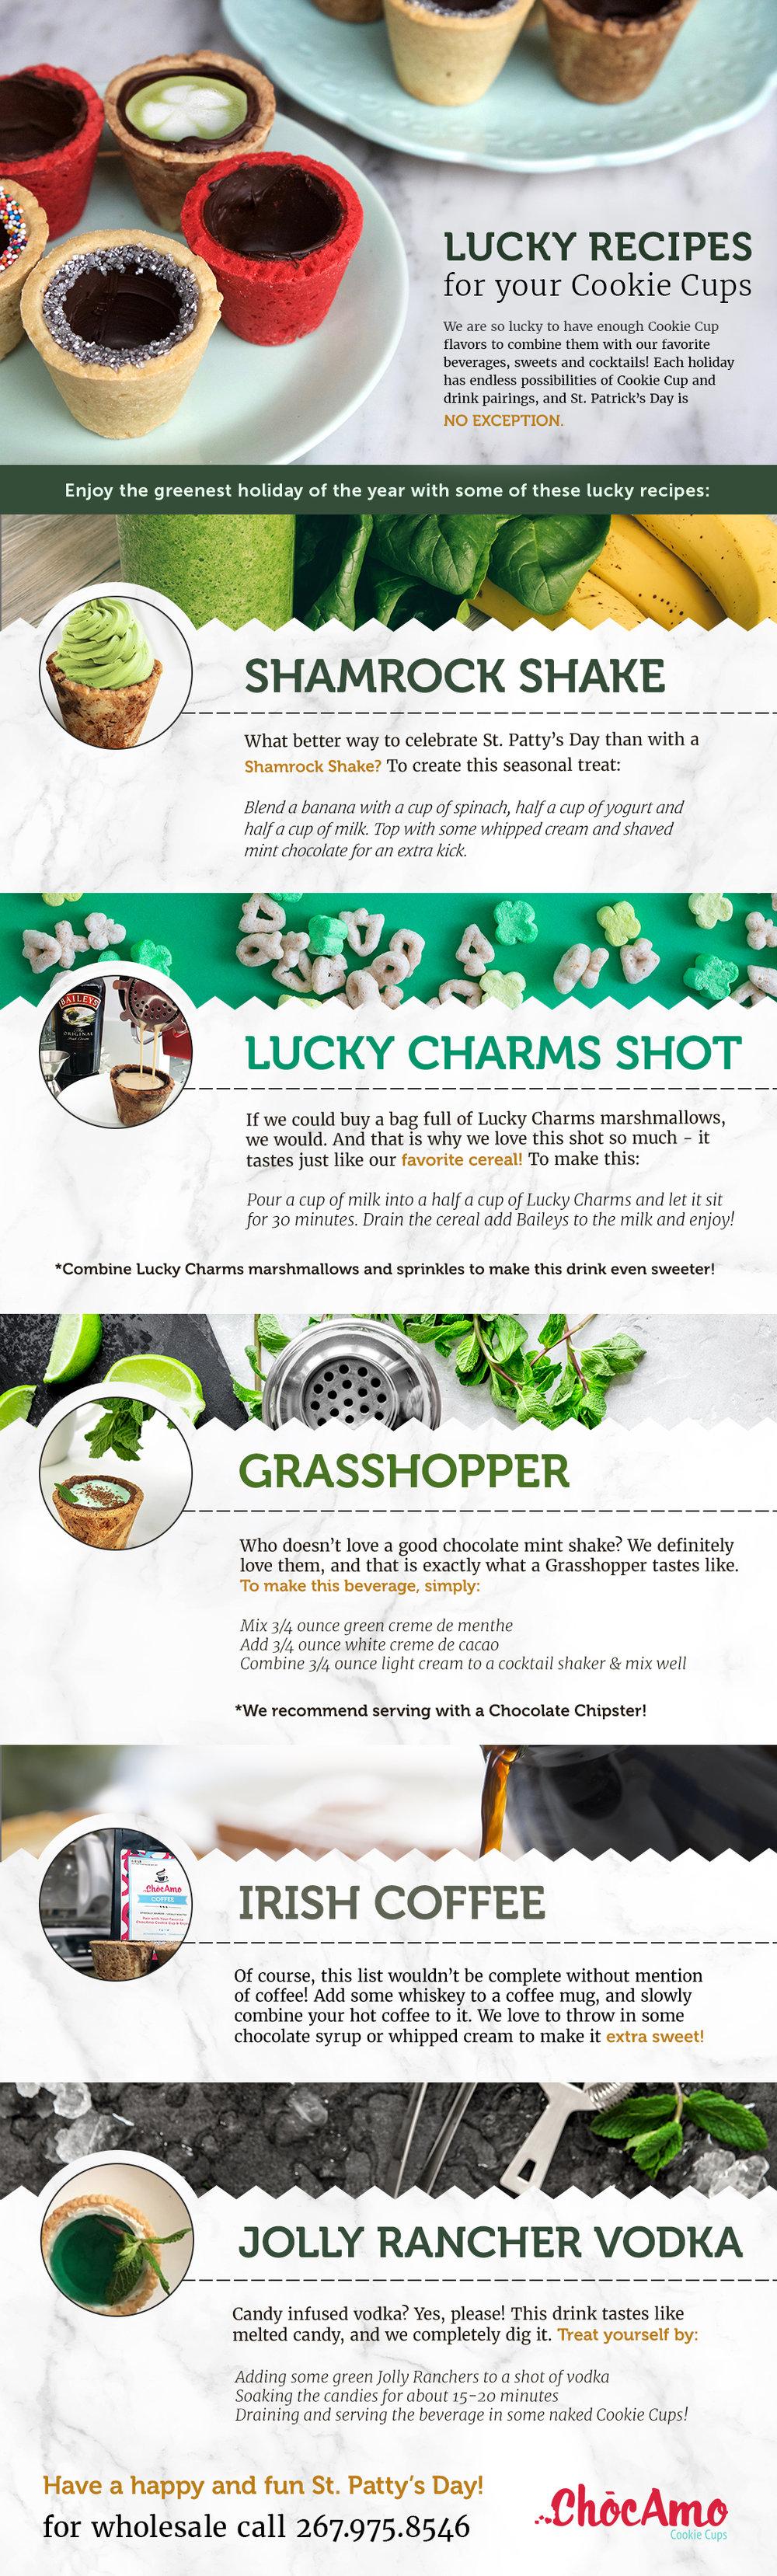 Chocamo_Infographic_LuckyRecipes (1).jpg